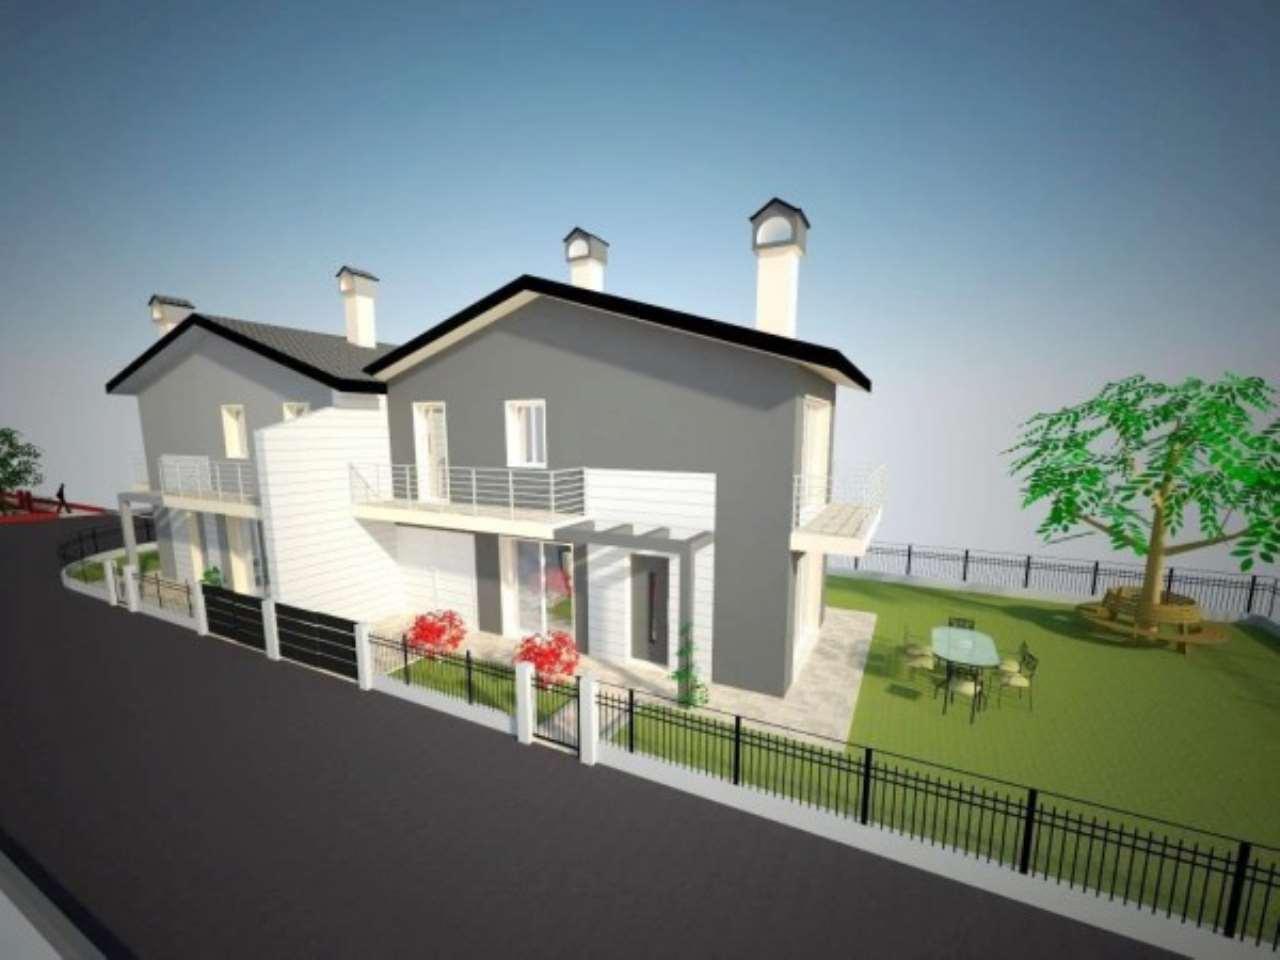 Villa in vendita a Chioggia, 4 locali, prezzo € 180.000 | CambioCasa.it